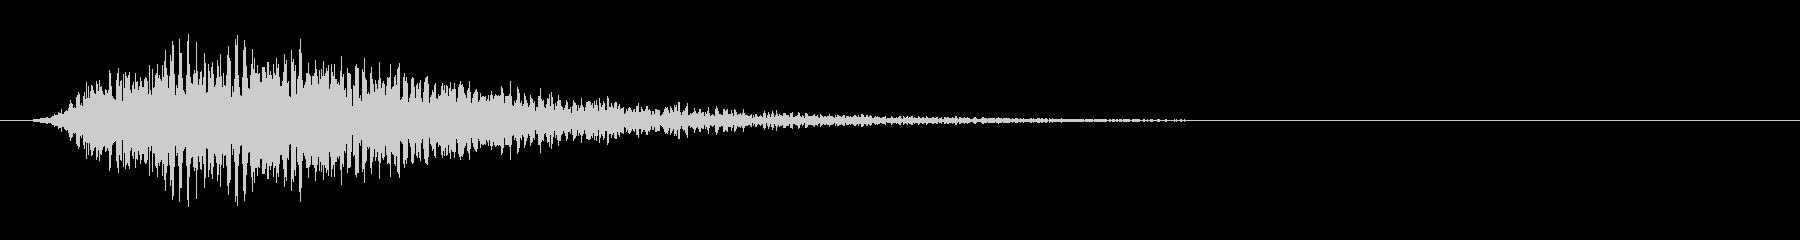 メタリックインパクトオカルトフィナ...の未再生の波形